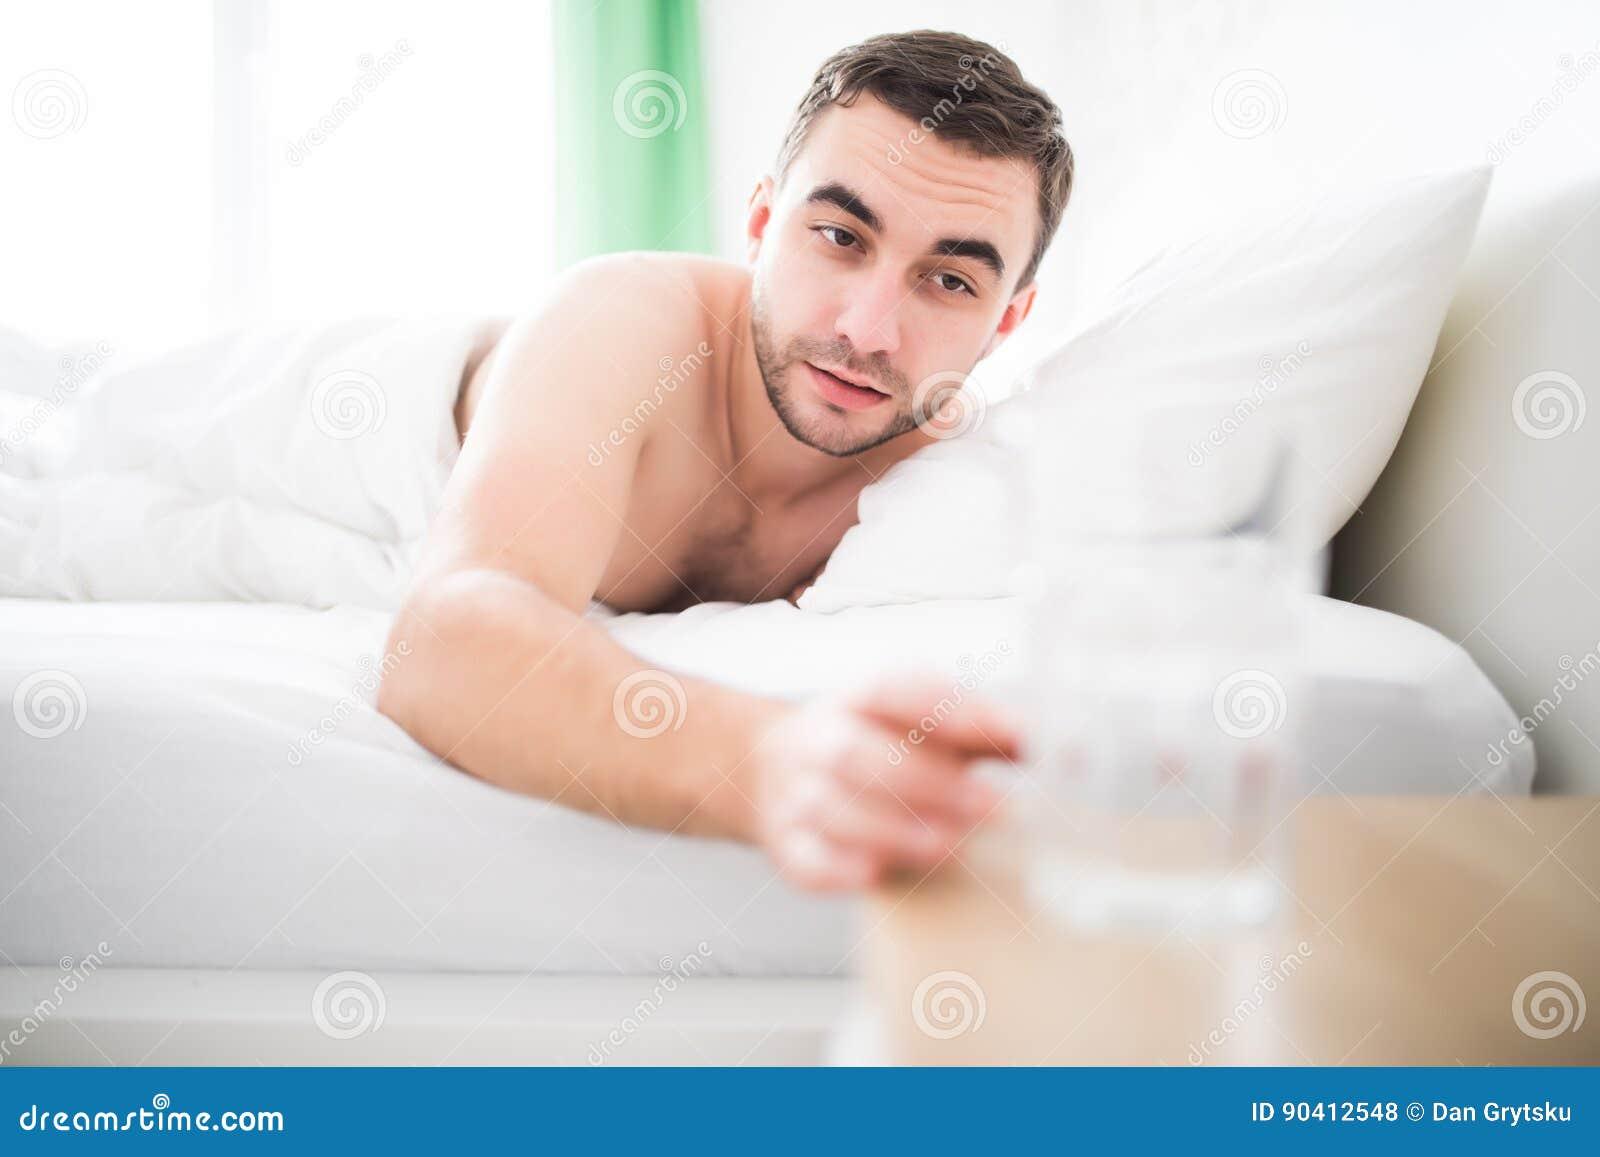 Gut Aussehender Mann Wachen Morgens In Ihrem Bett Auf Und